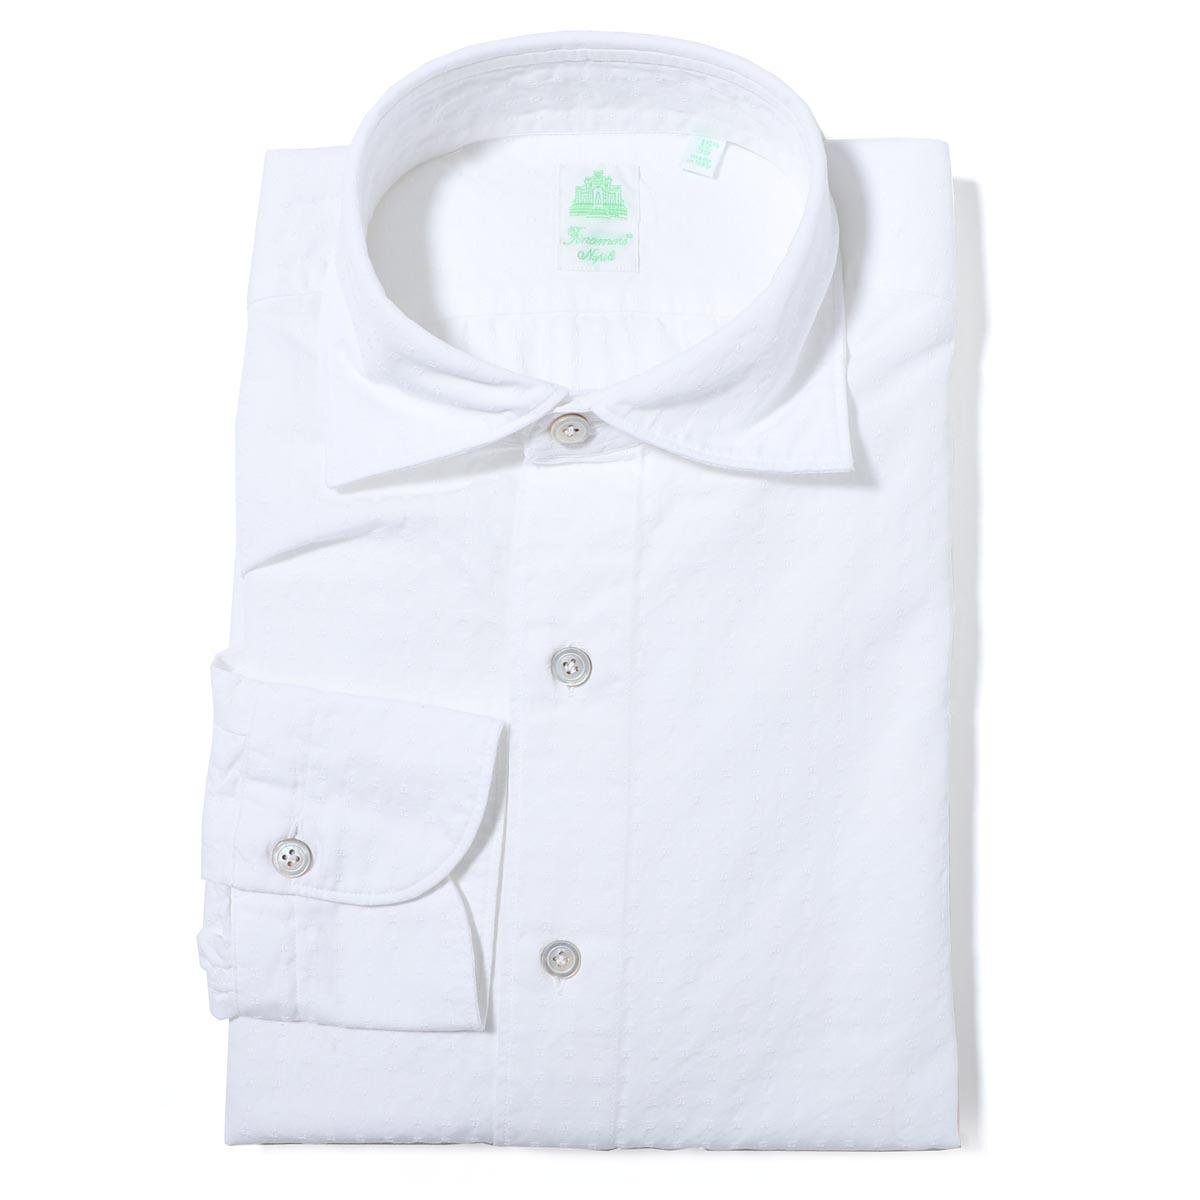 【アウトレット】【ラスト1点】フィナモレ FINAMORE ワイドカラーシャツ ホワイト メンズ luigi z 080103 p2232 04 LUIGI ルイジ【あす楽対応_関東】【返品送料無料】【ラッピング無料】[outnew]